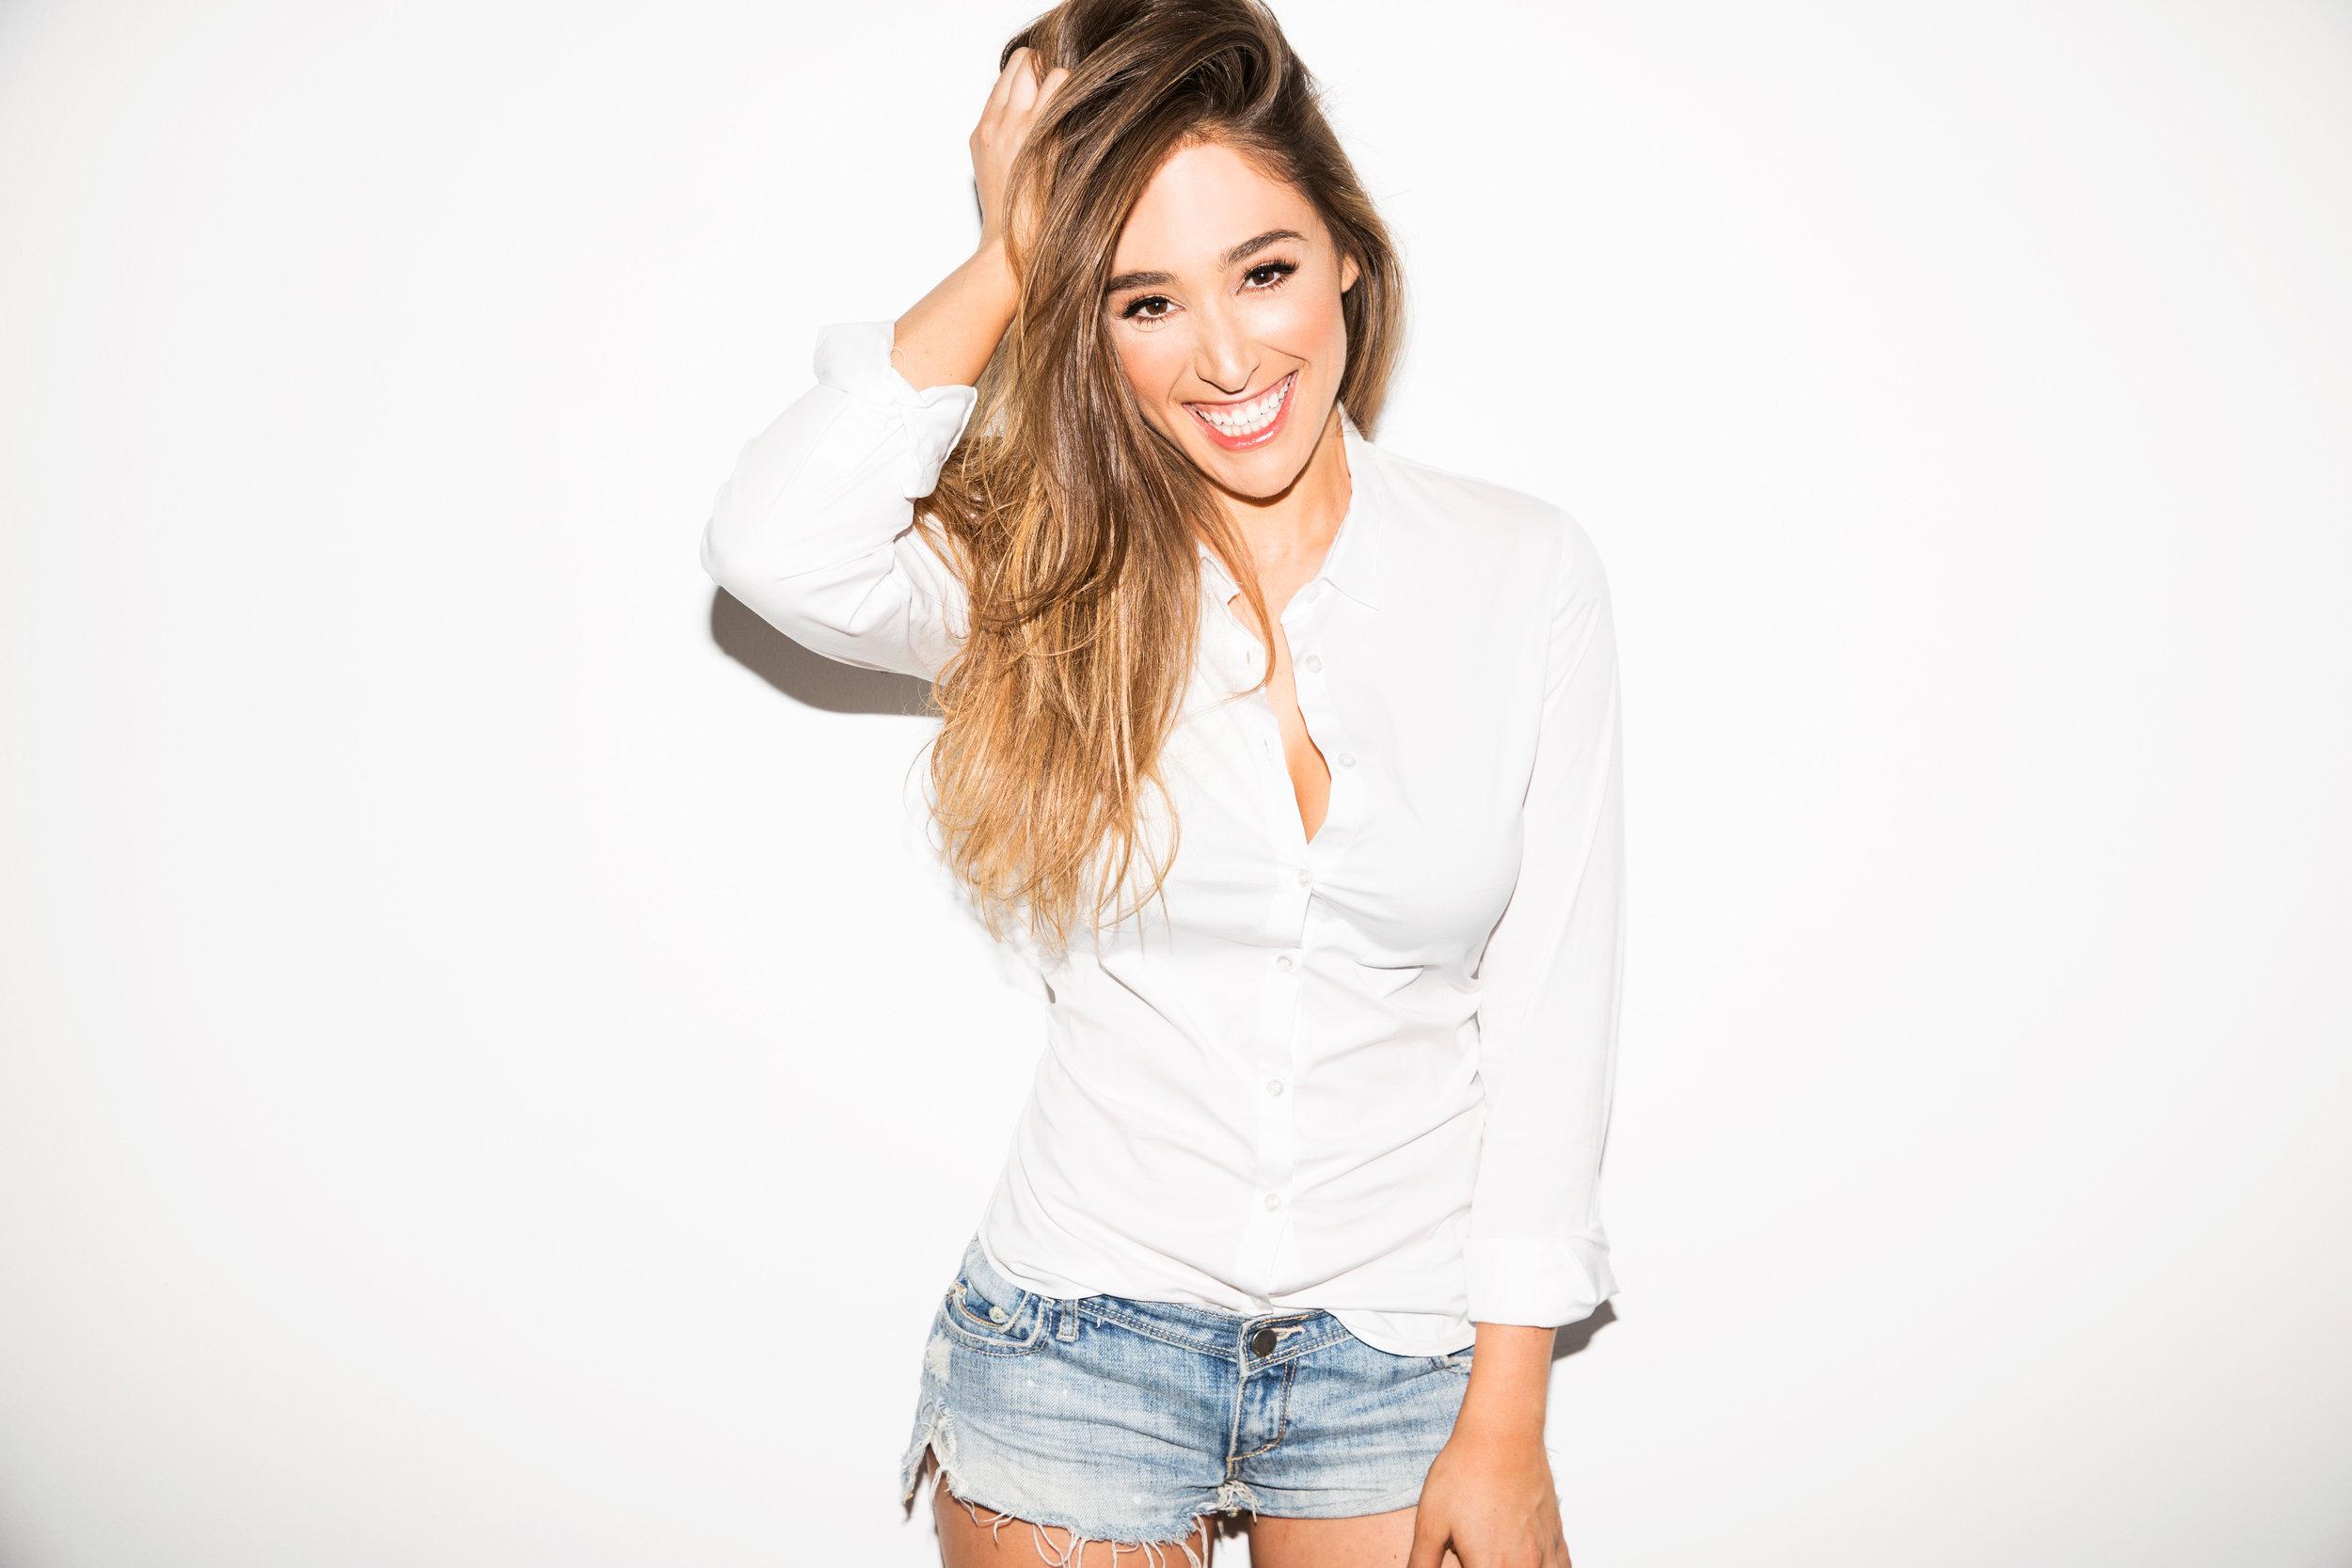 Danielle98364-0.jpg